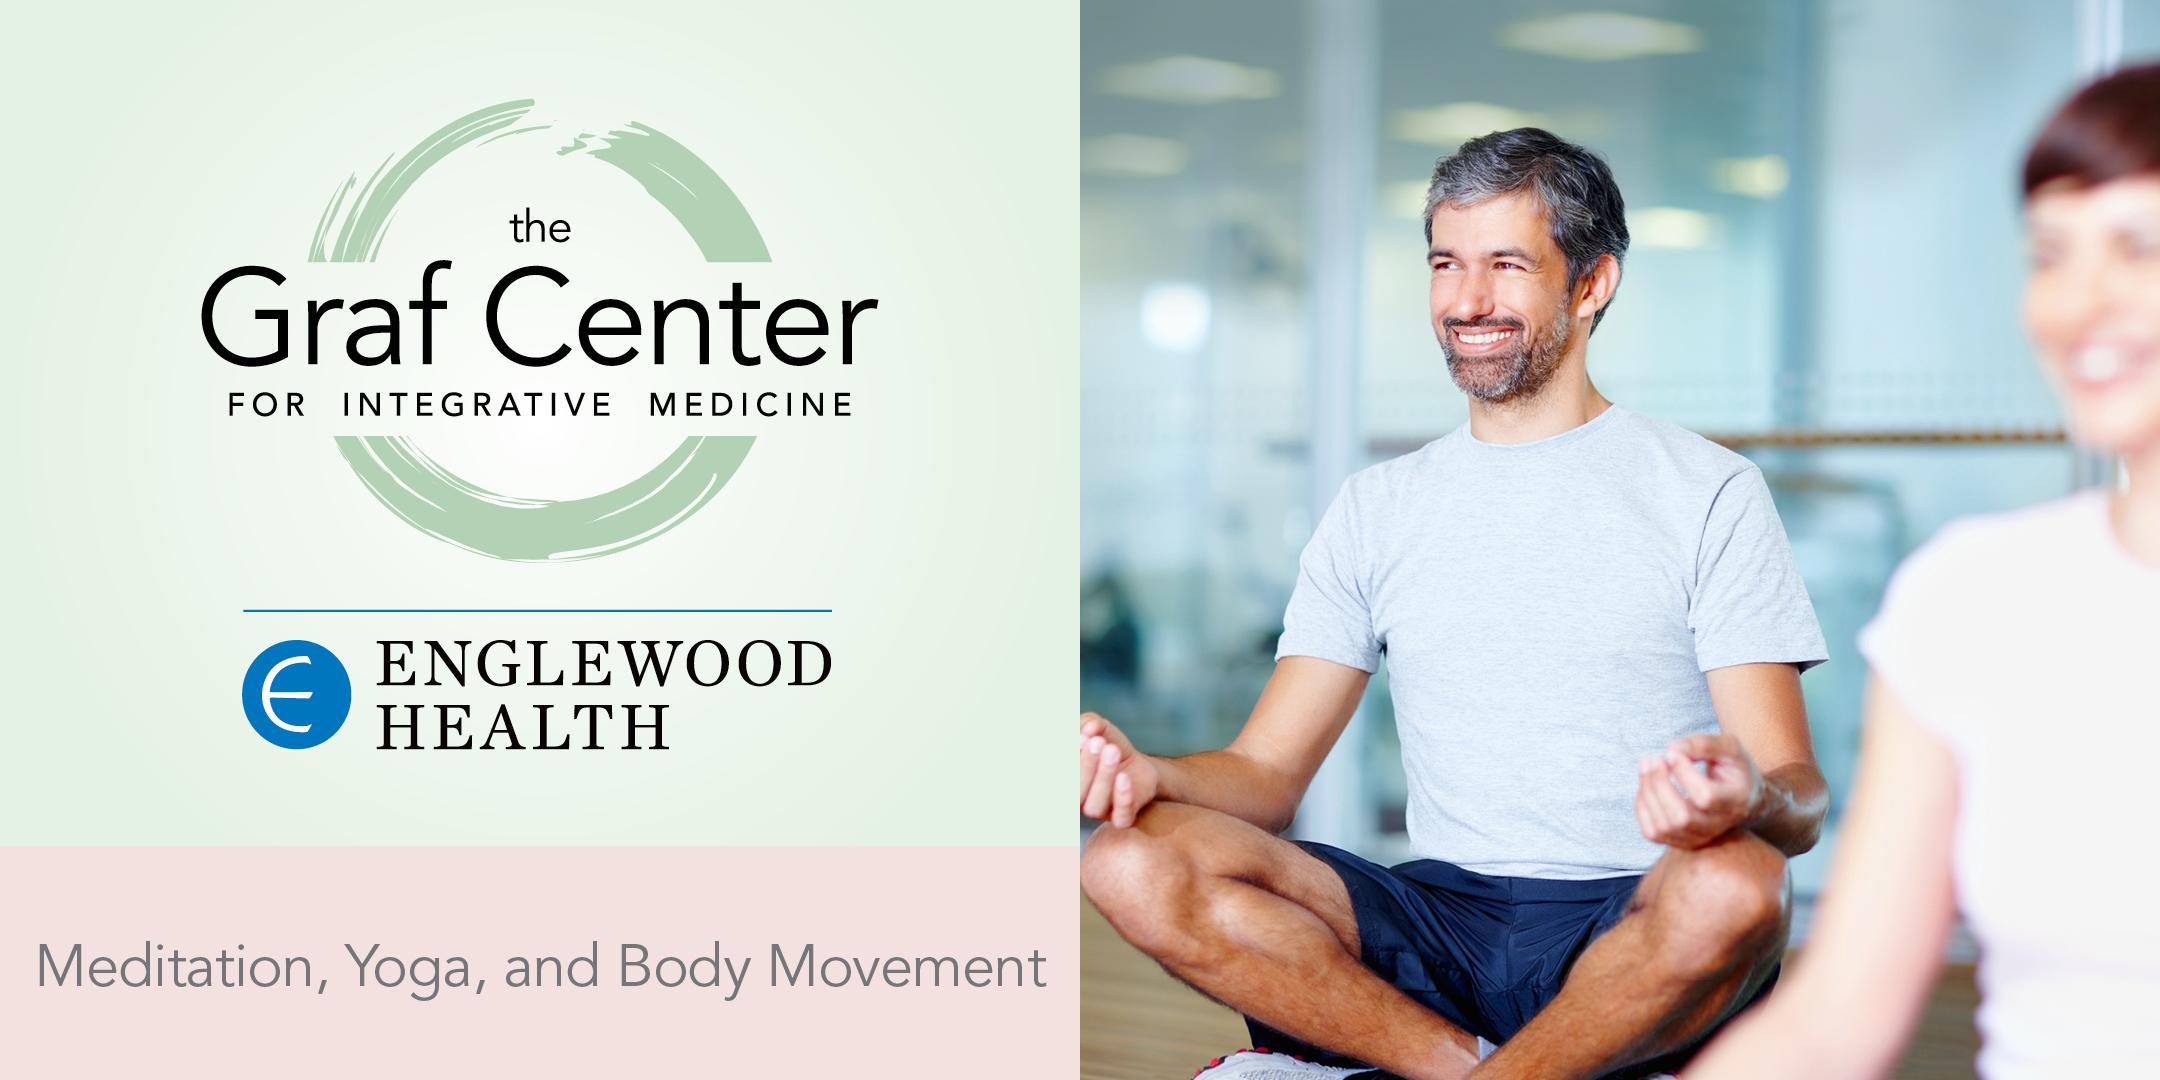 More info: Reducción del estrés - Guía de meditación en español